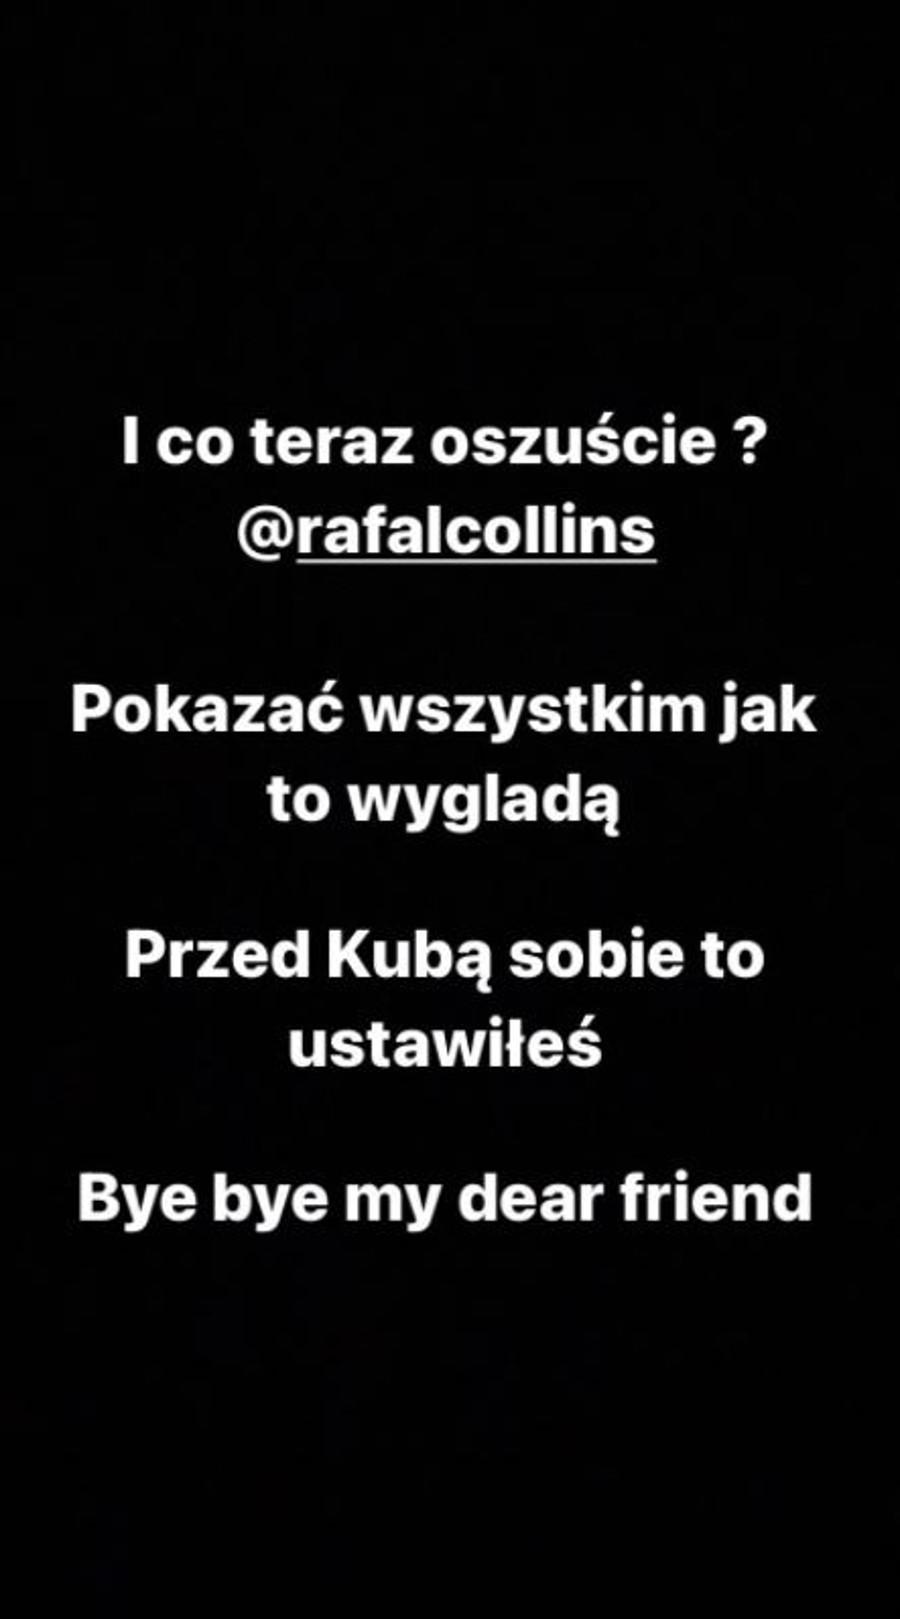 Daniel Martyniuk uderza w Rafała Collinsa.